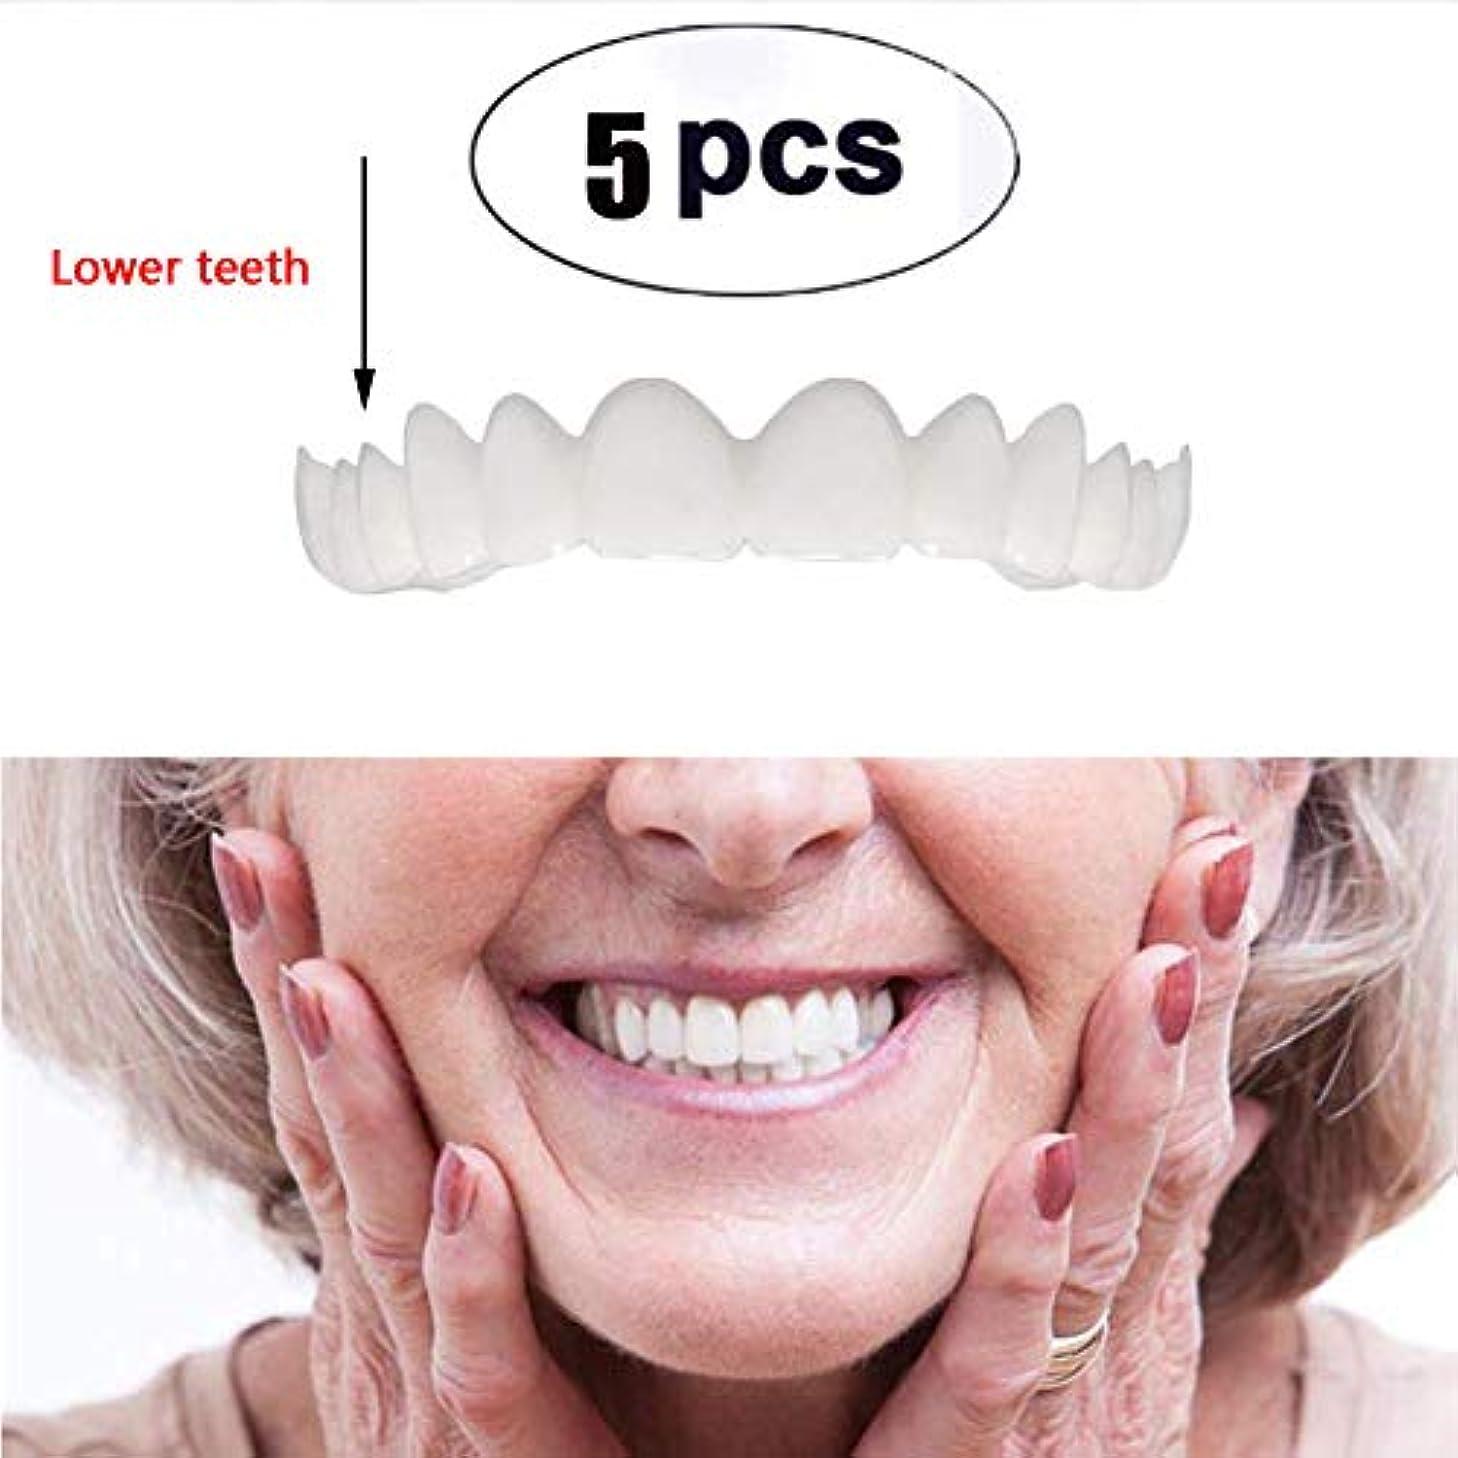 中絶生やろう5ピース下の歯一時的な化粧品の歯化粧品模擬ブレースホワイトニング歯スナップキャップインスタント快適なフレックスパーフェクトベニア